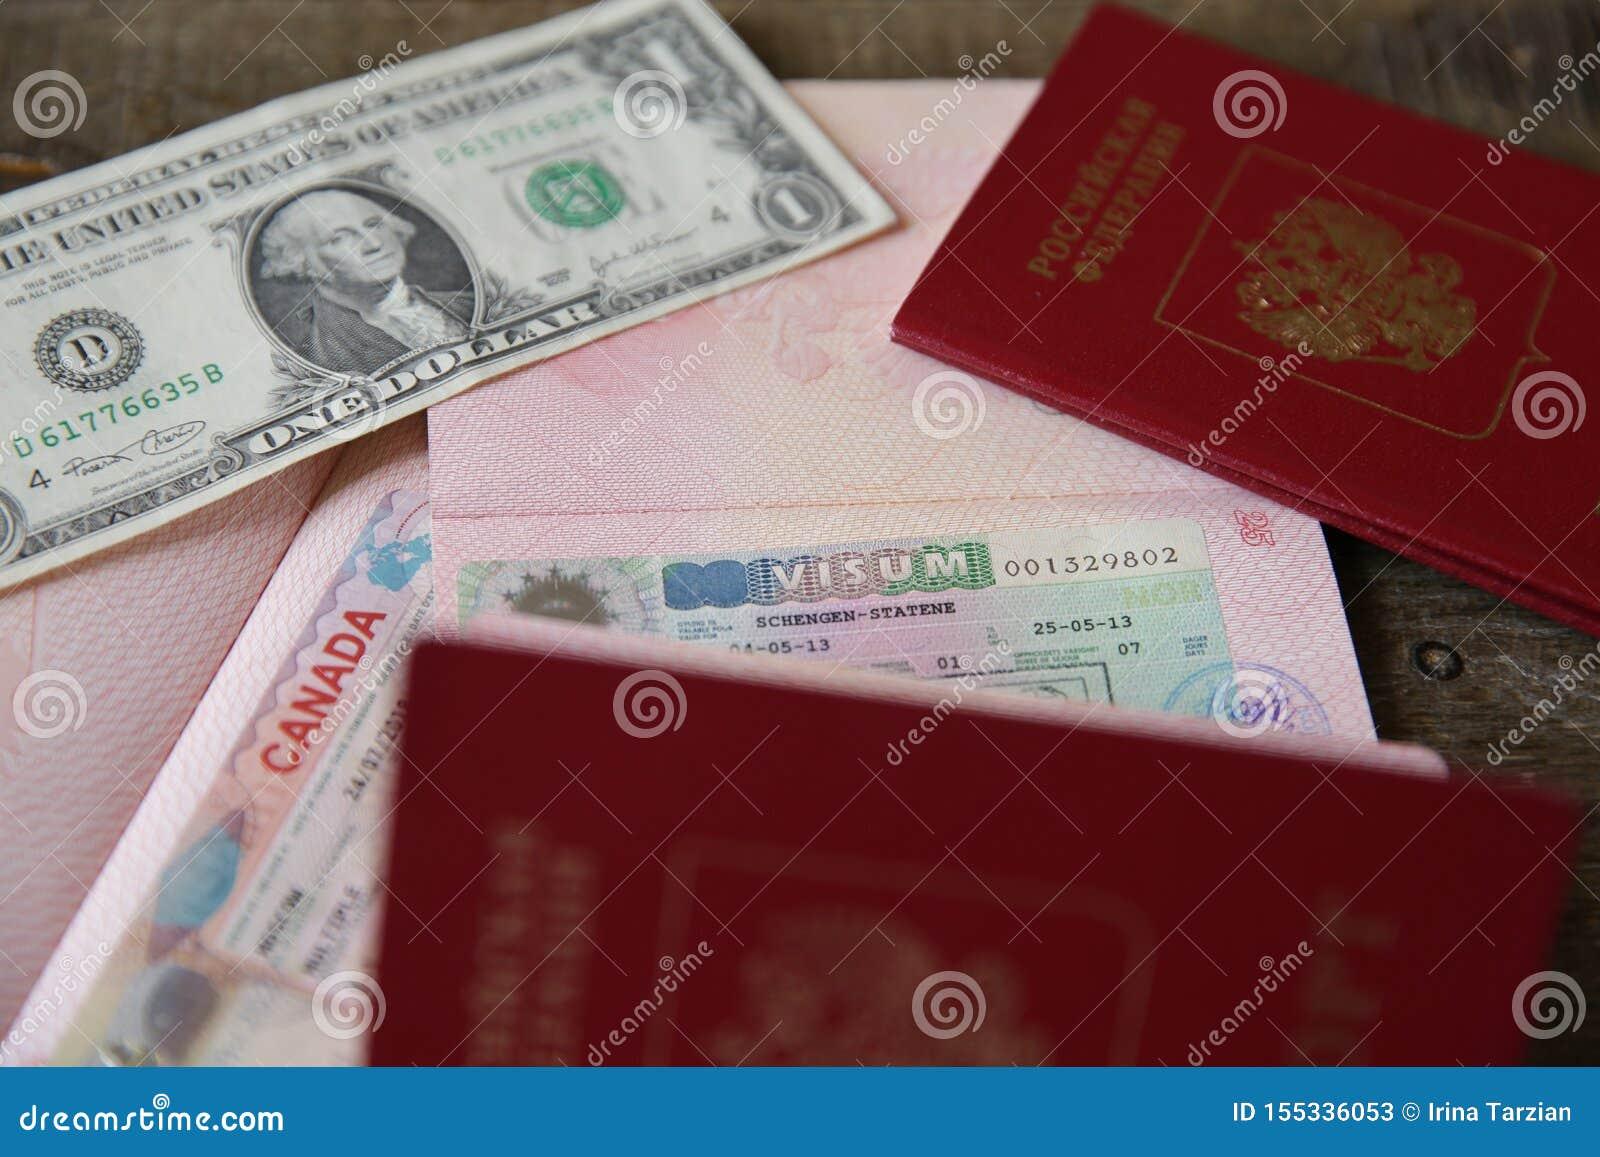 Rosyjski paszport z wizą i pieniędzmi kanadyjskimi i Schengen - jeden dolar. Paszport podróżny z wizą. Wakacje i podróże